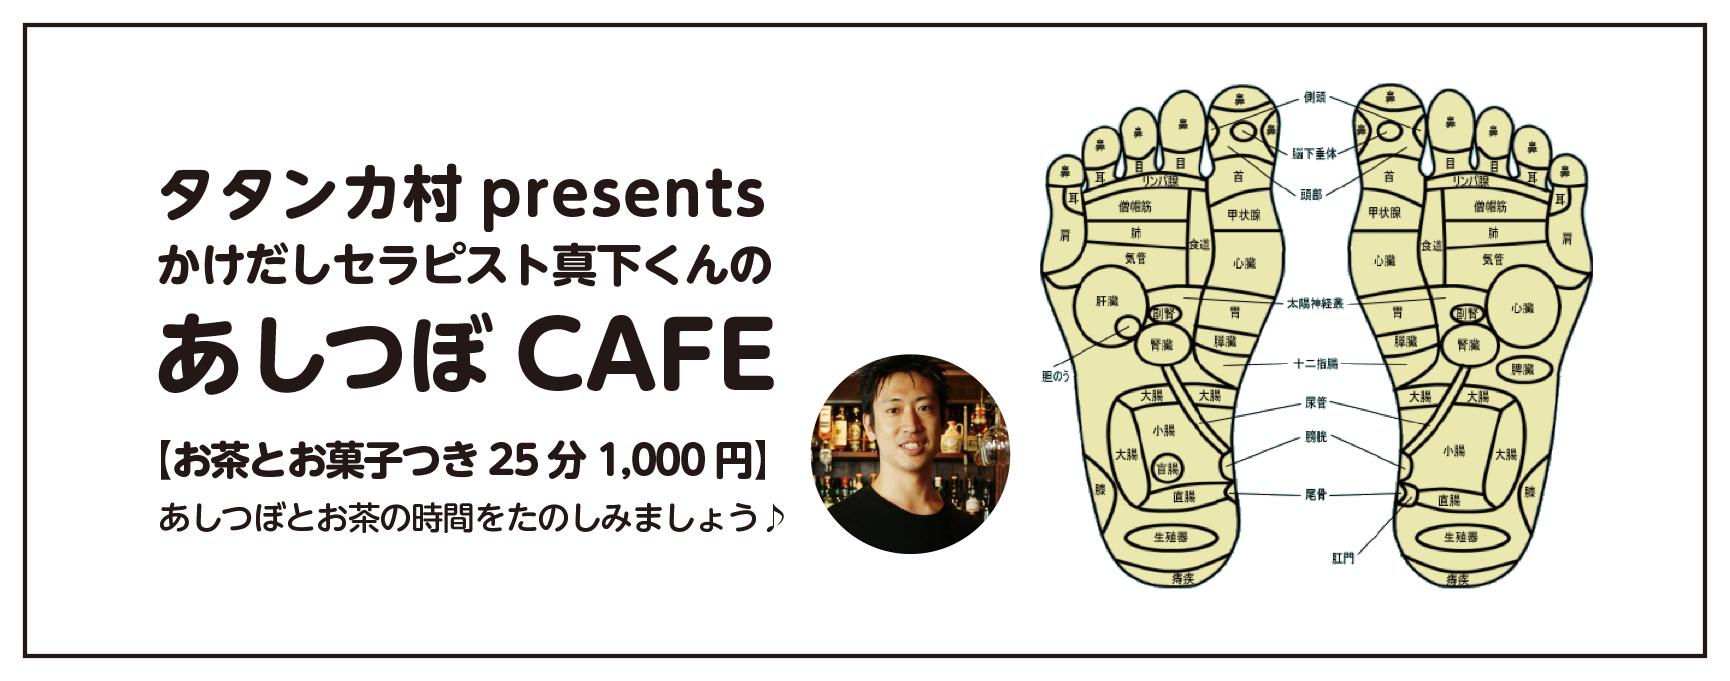 12/23 タタンカ村presents真下くんのあしつぼCAFE